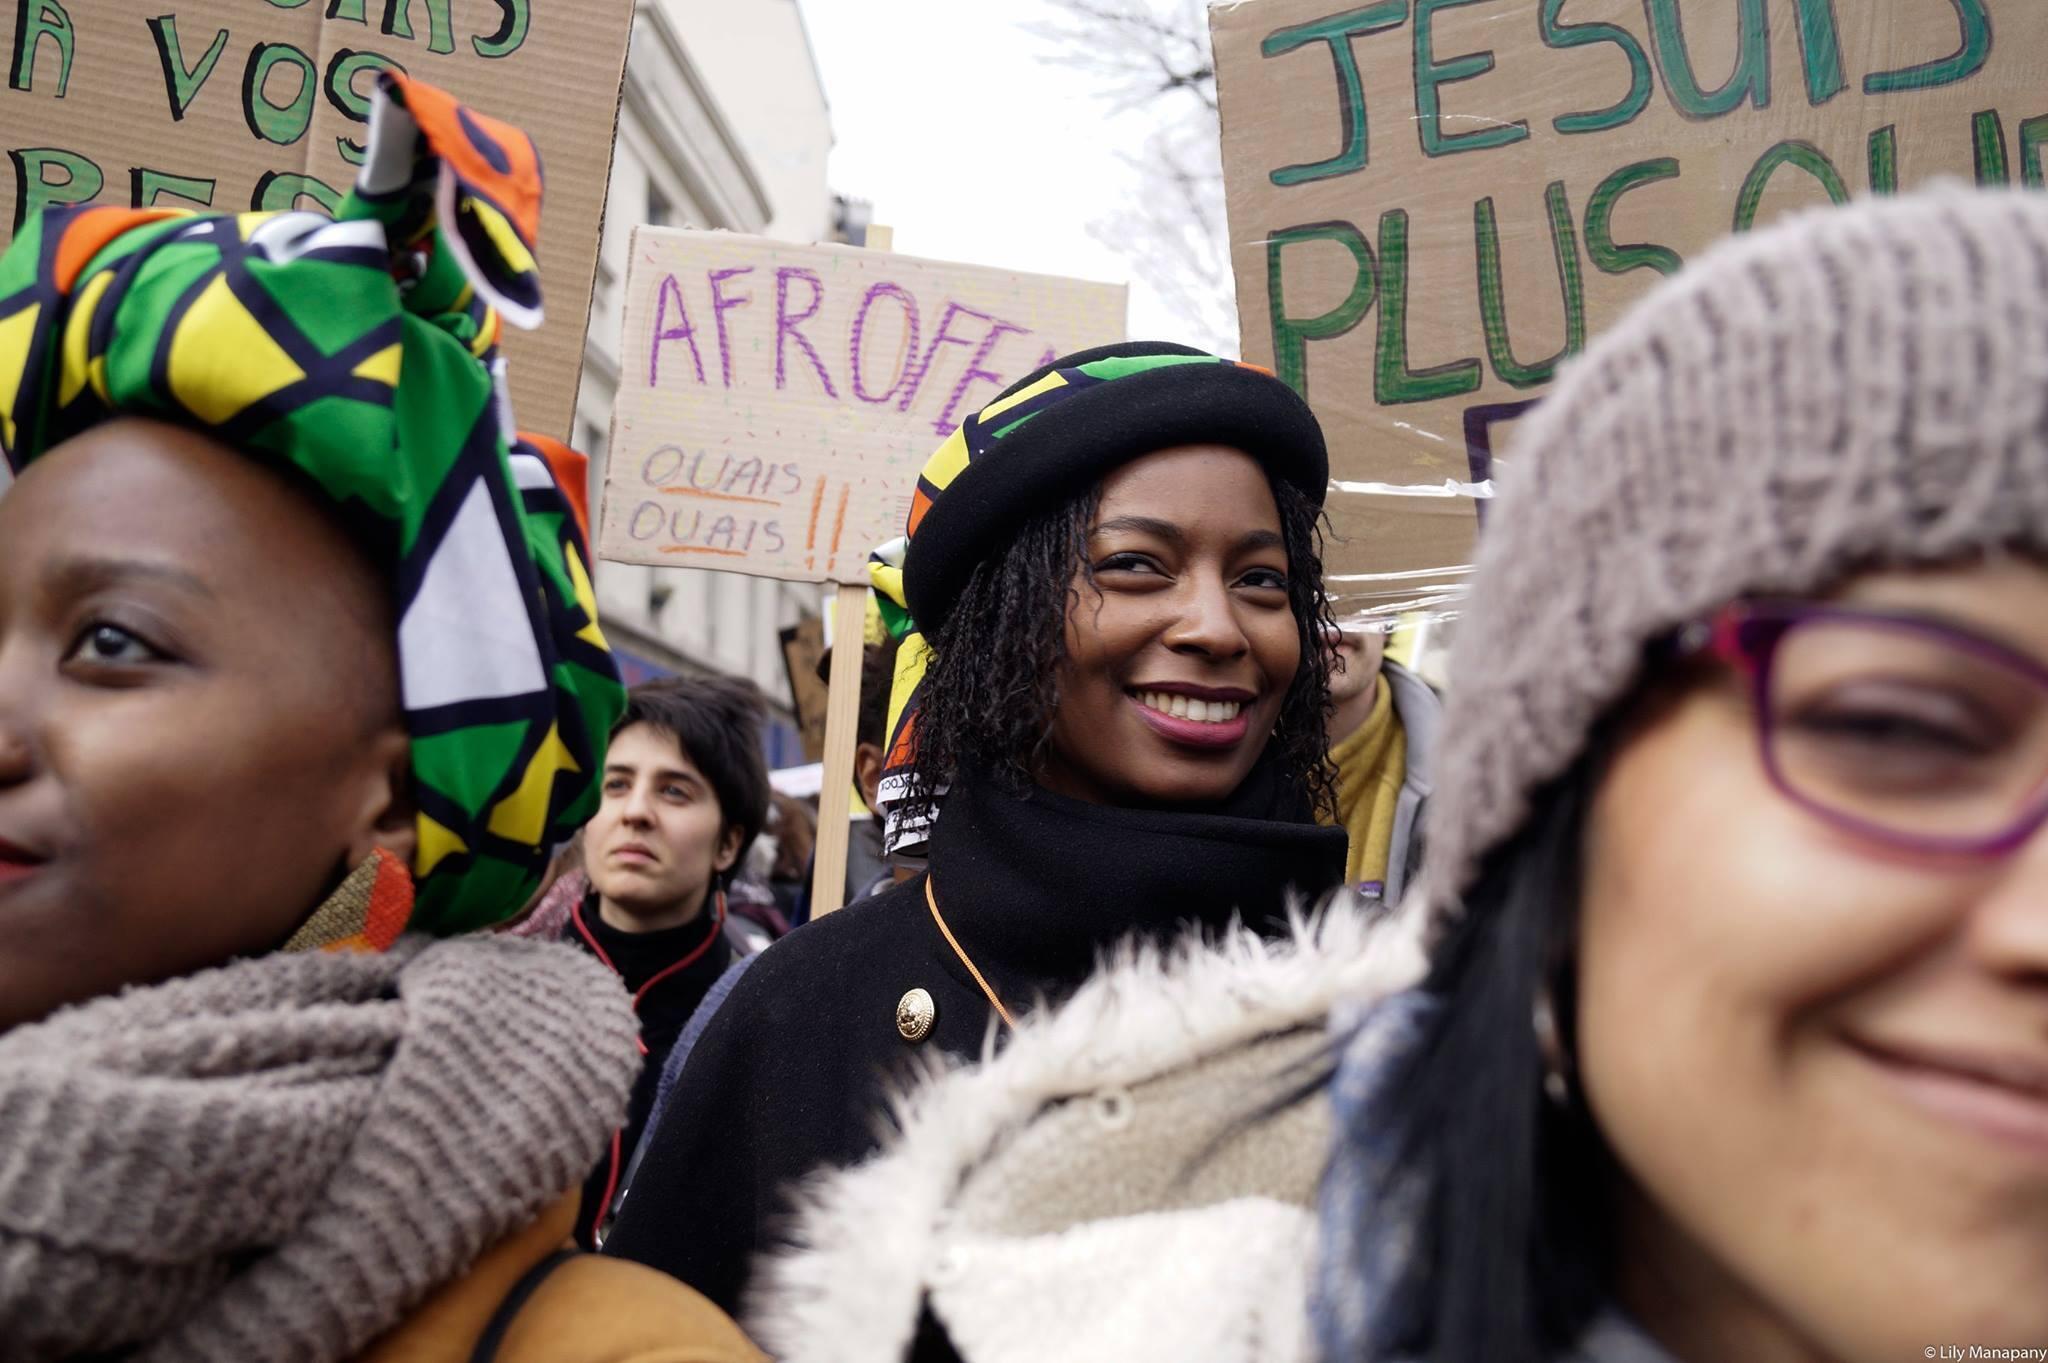 Coletivo Afro feminista MWASI en el parisino barrio de Belleville